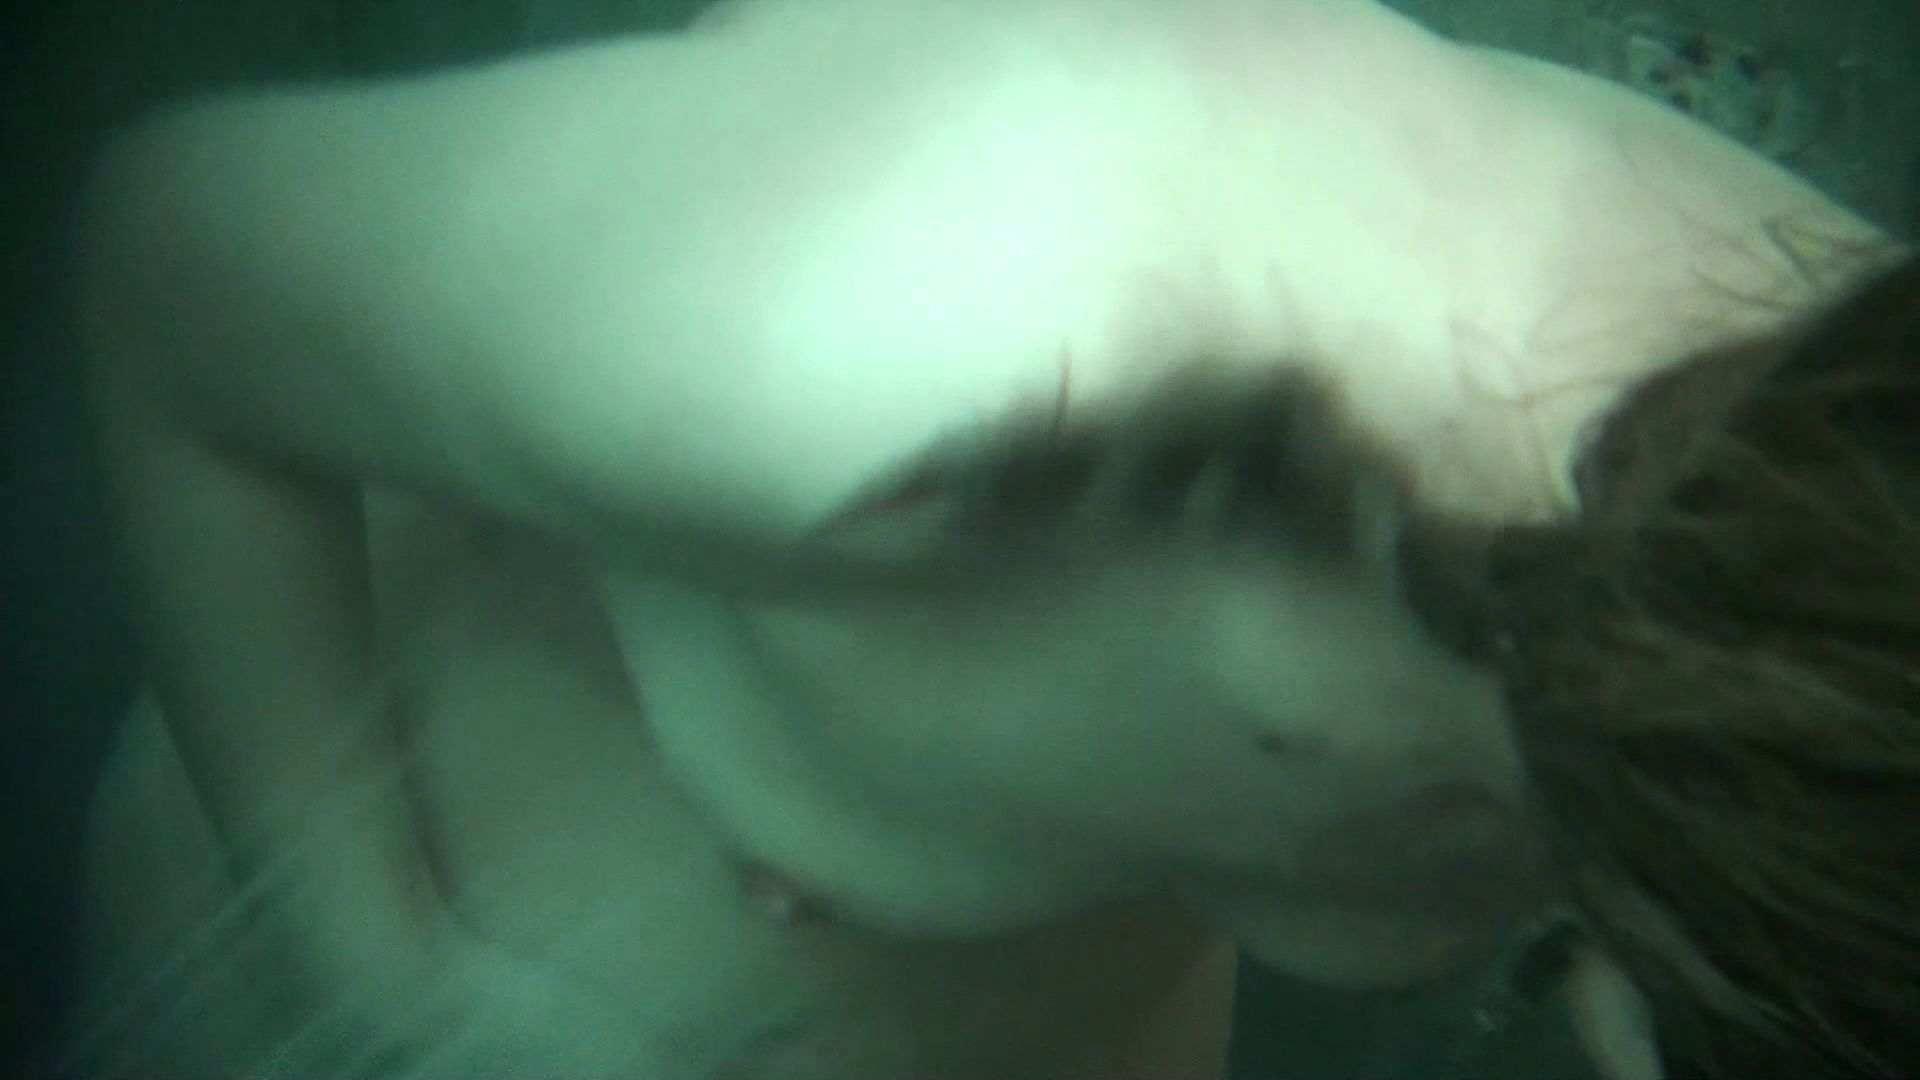 シャワールームは超!!危険な香りVol.12 女性のおまんこには予想外の砂が混入しているようです。 高画質 性交動画流出 101pic 39